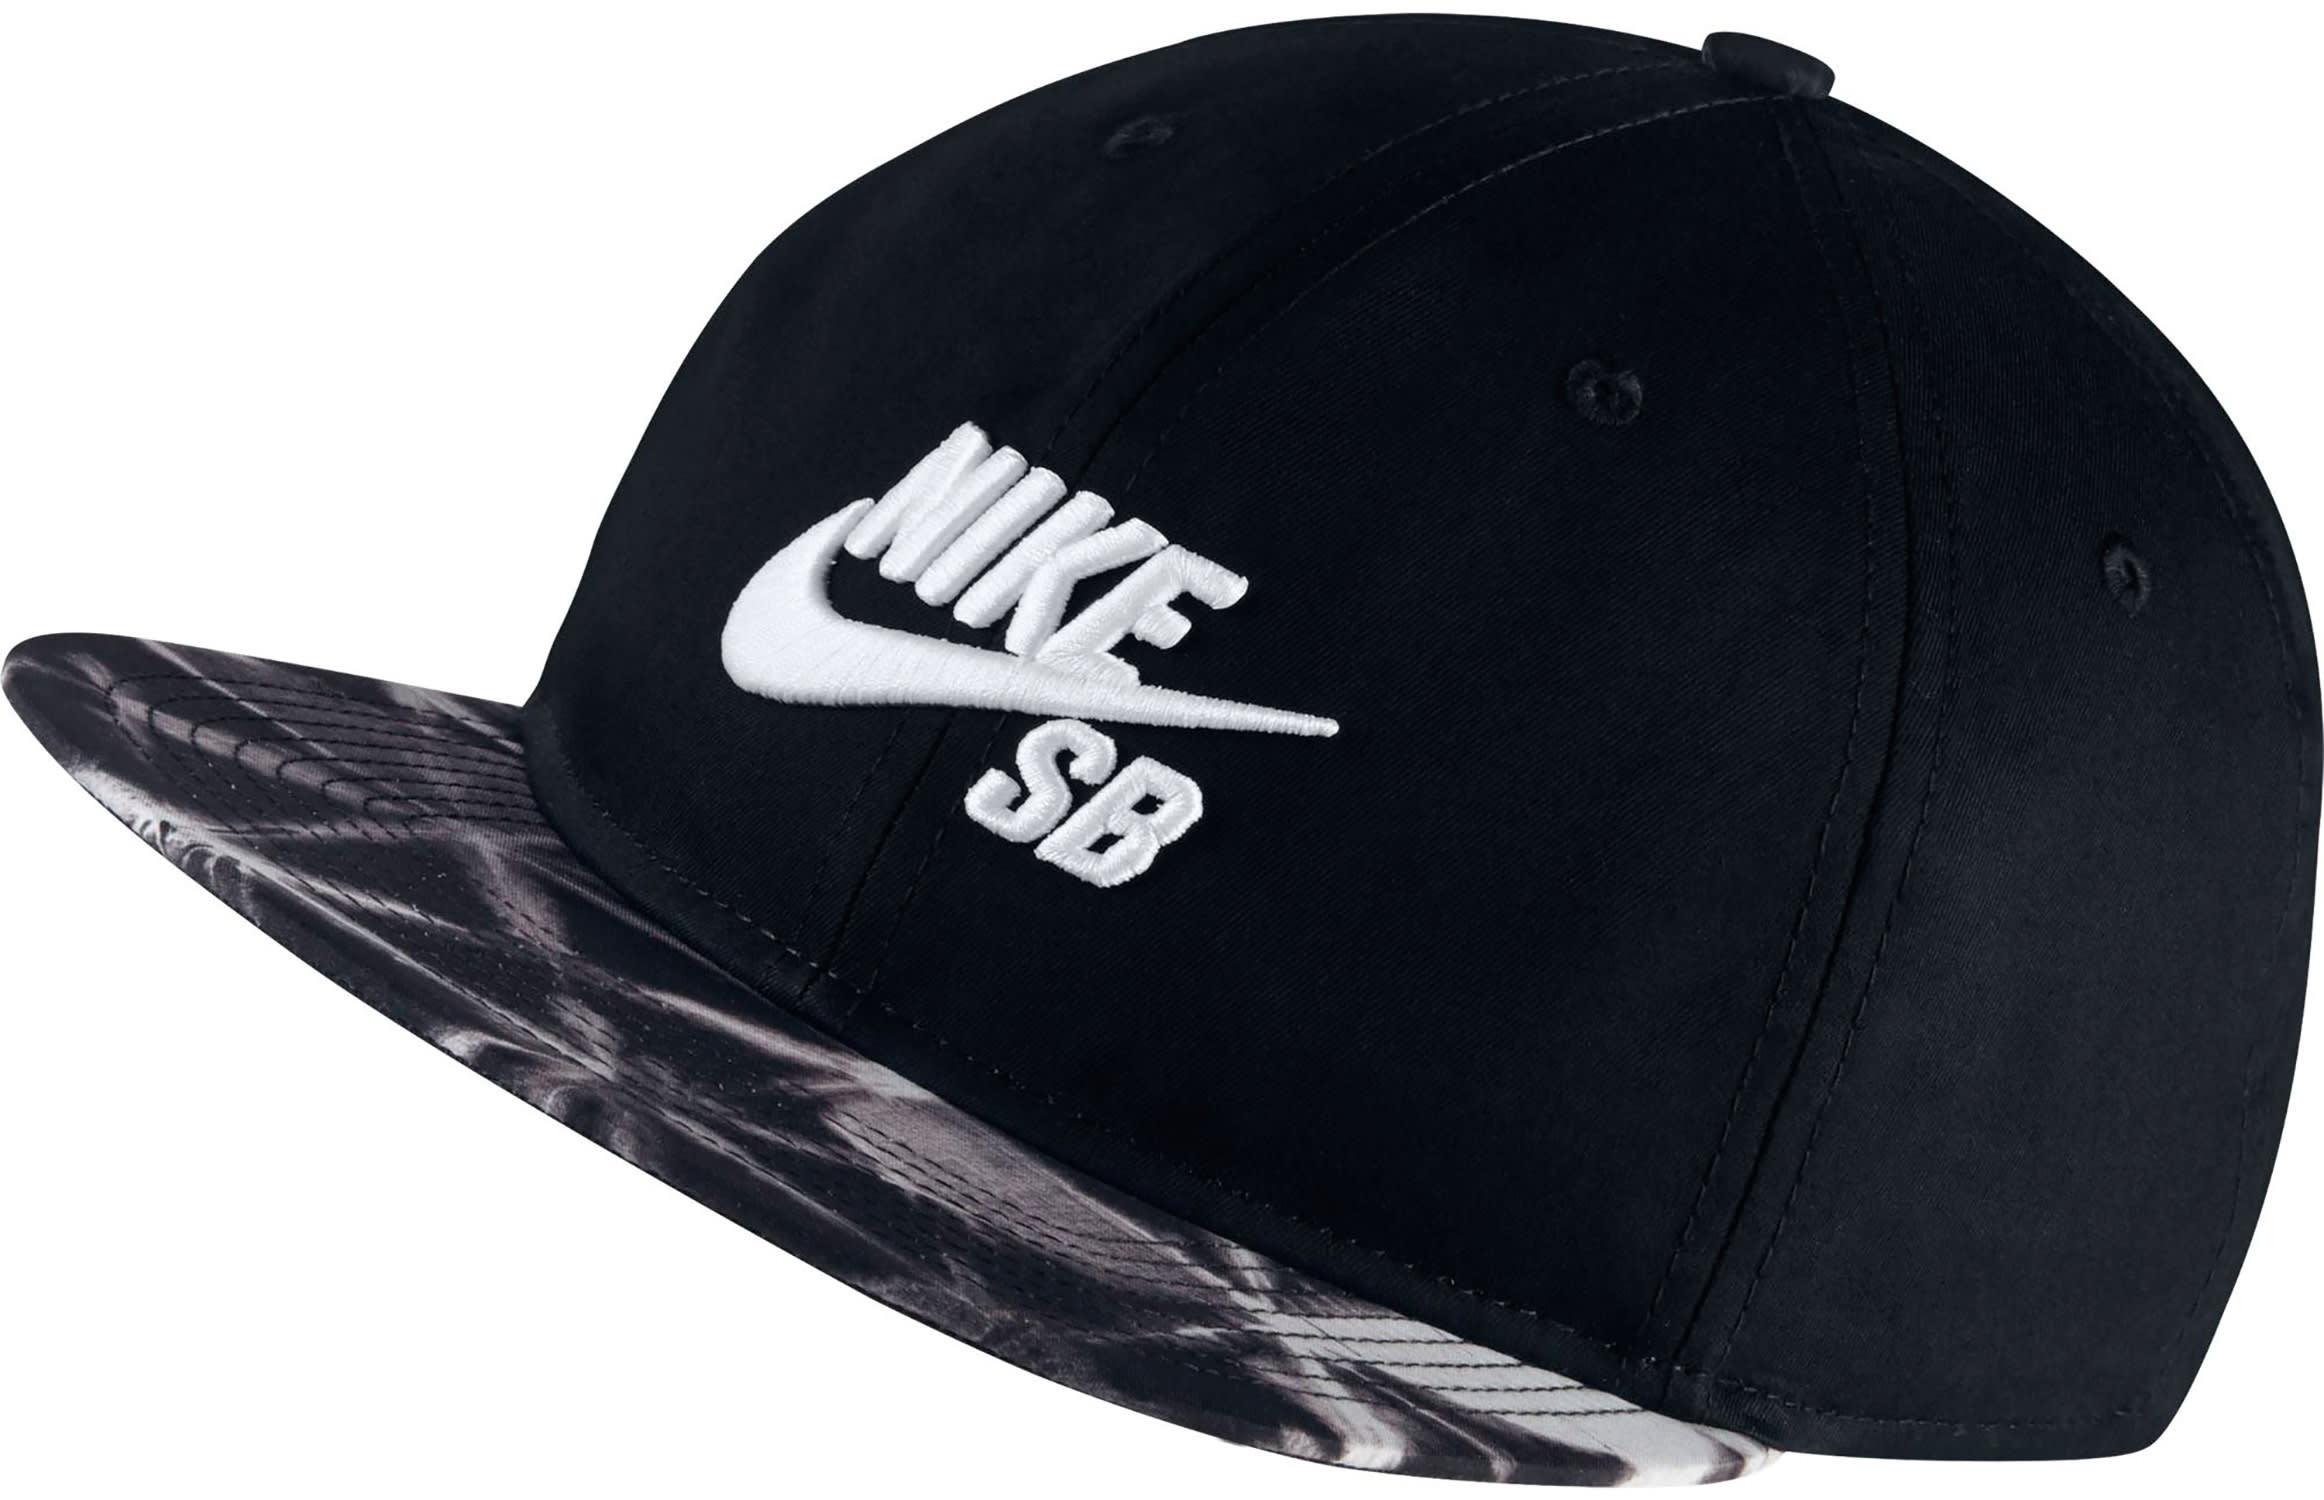 Grey Nike Sb Snapback Cap - Musée des impressionnismes Giverny dc365738e1b